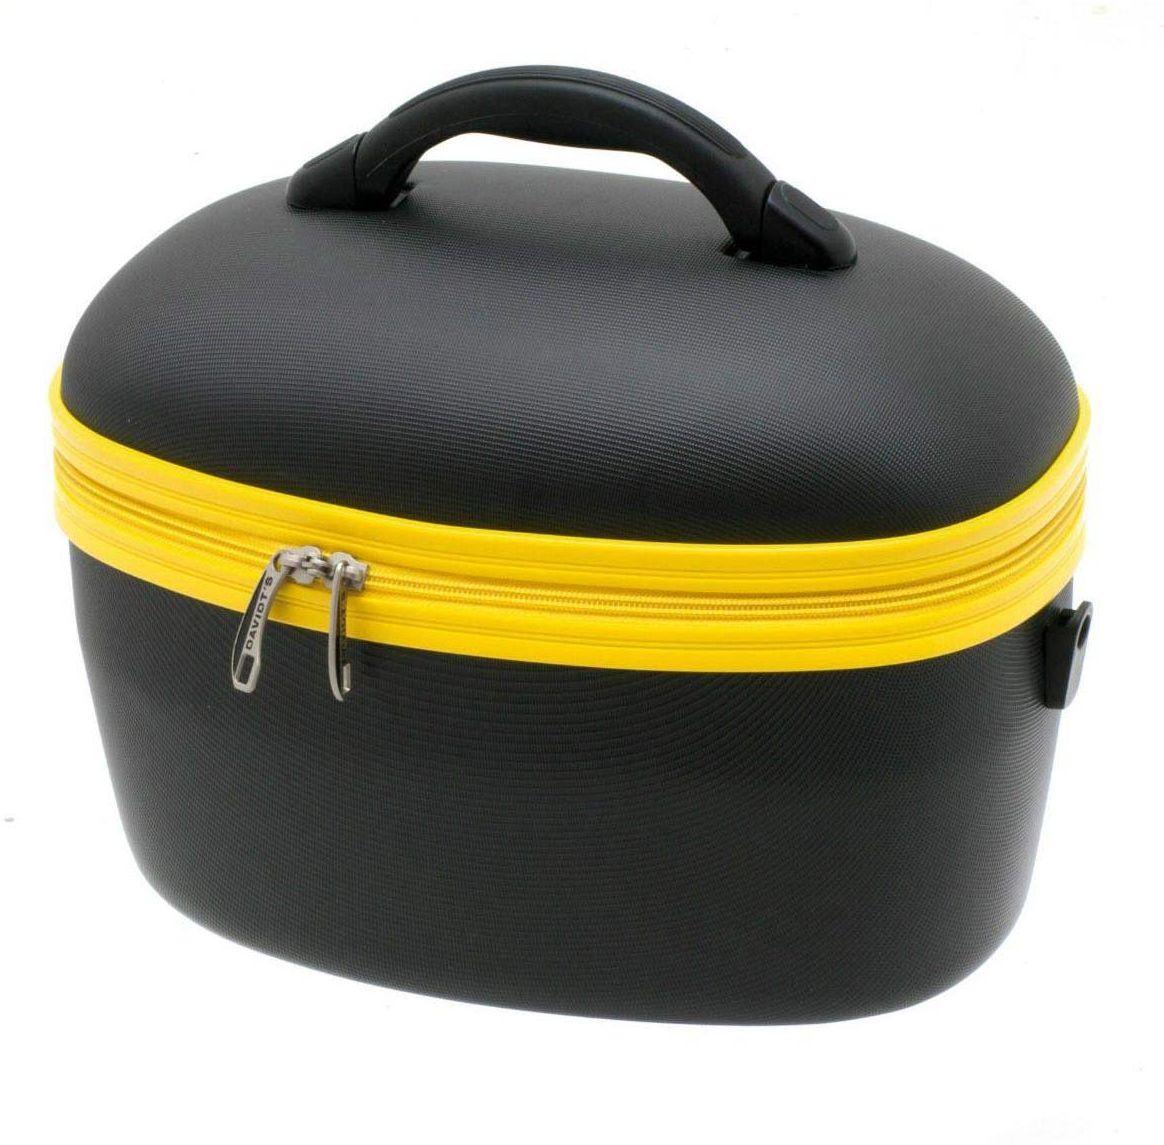 Beauty Case DAVIDTS 267149-15 Μαύρο/Κίτρινο